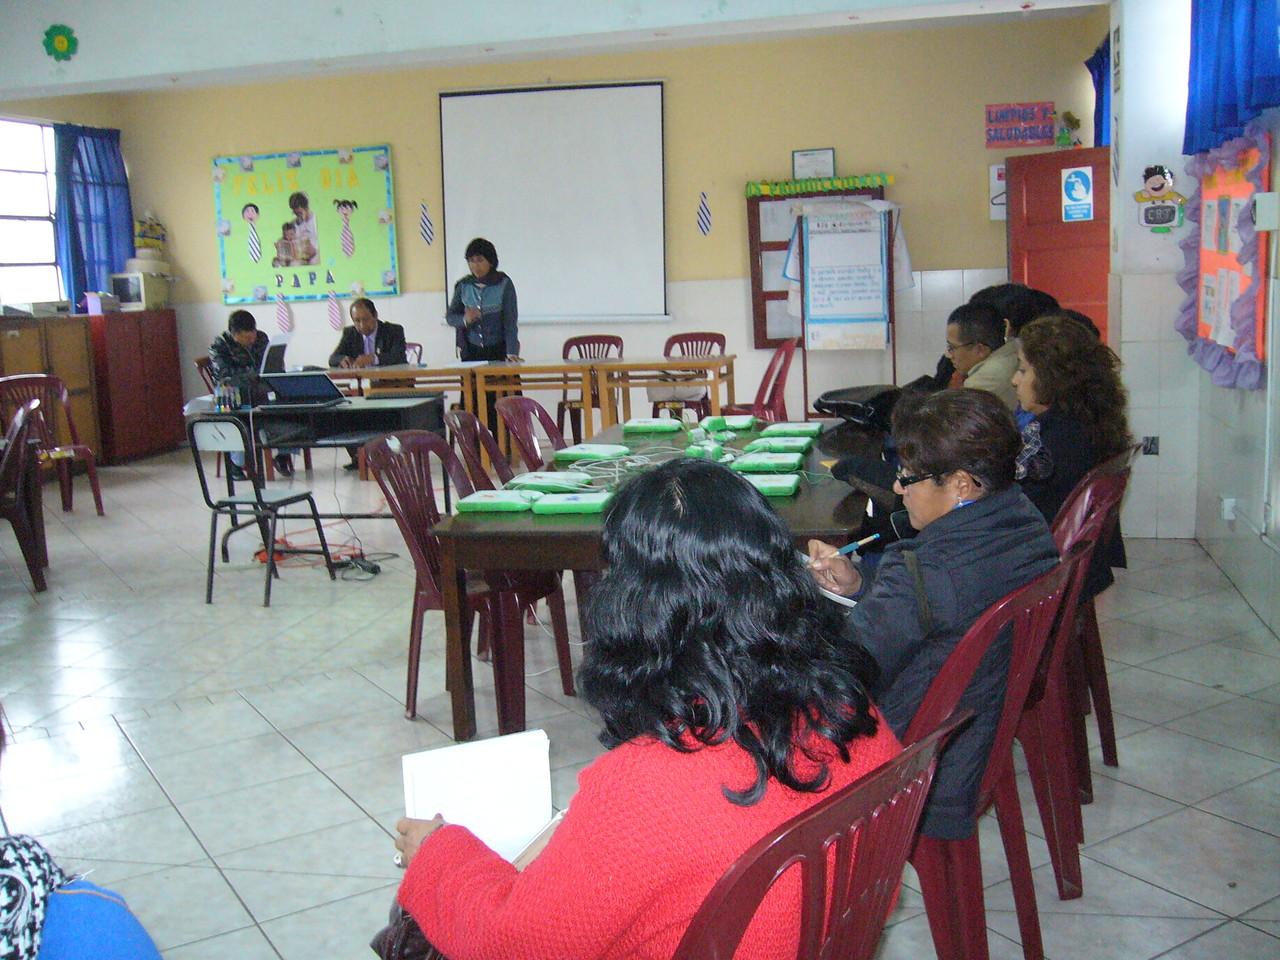 Réunion avec les professeurs pour organiser les activités